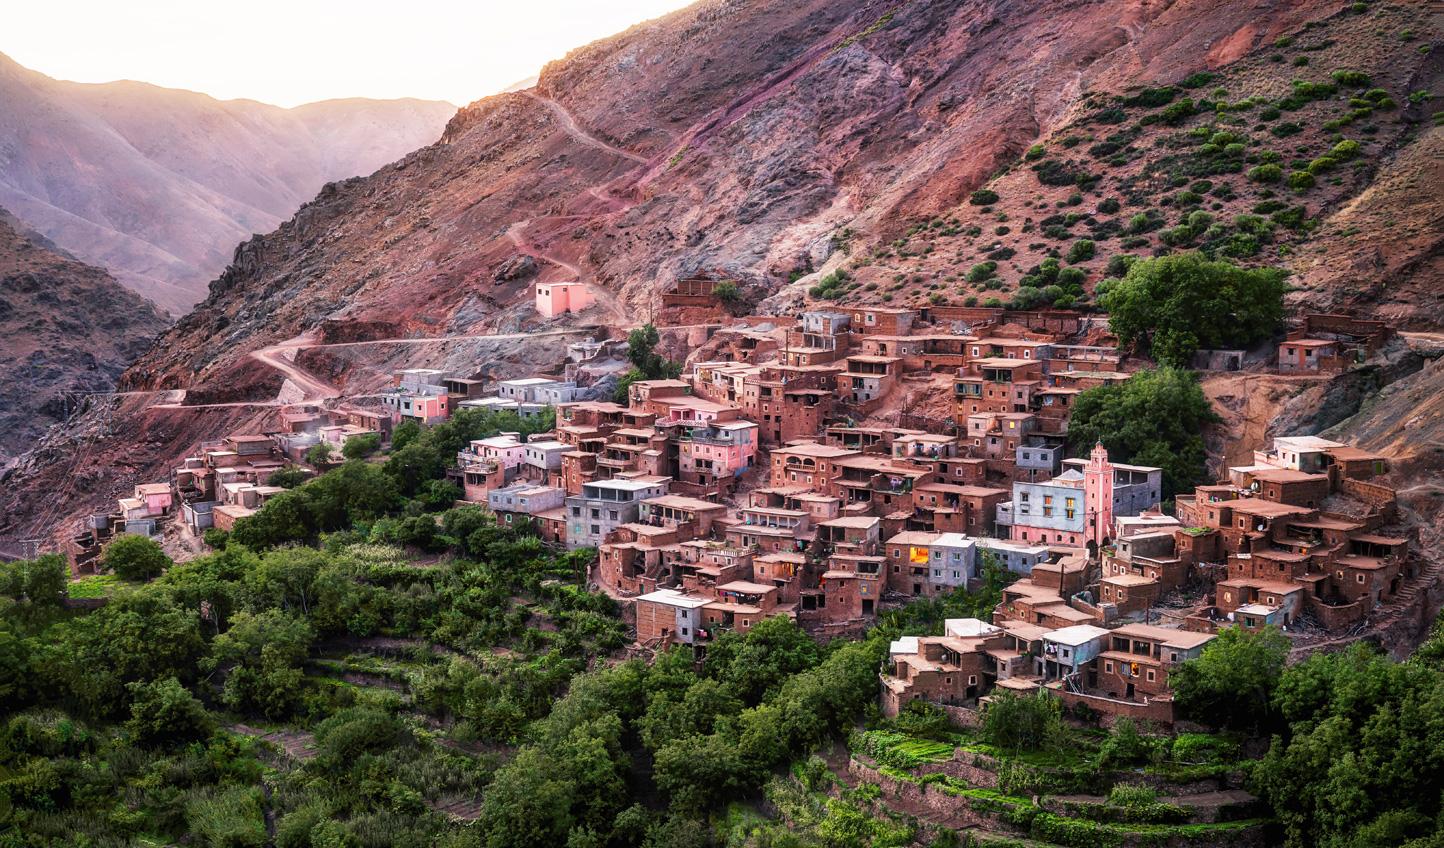 Visit remote mountain villages